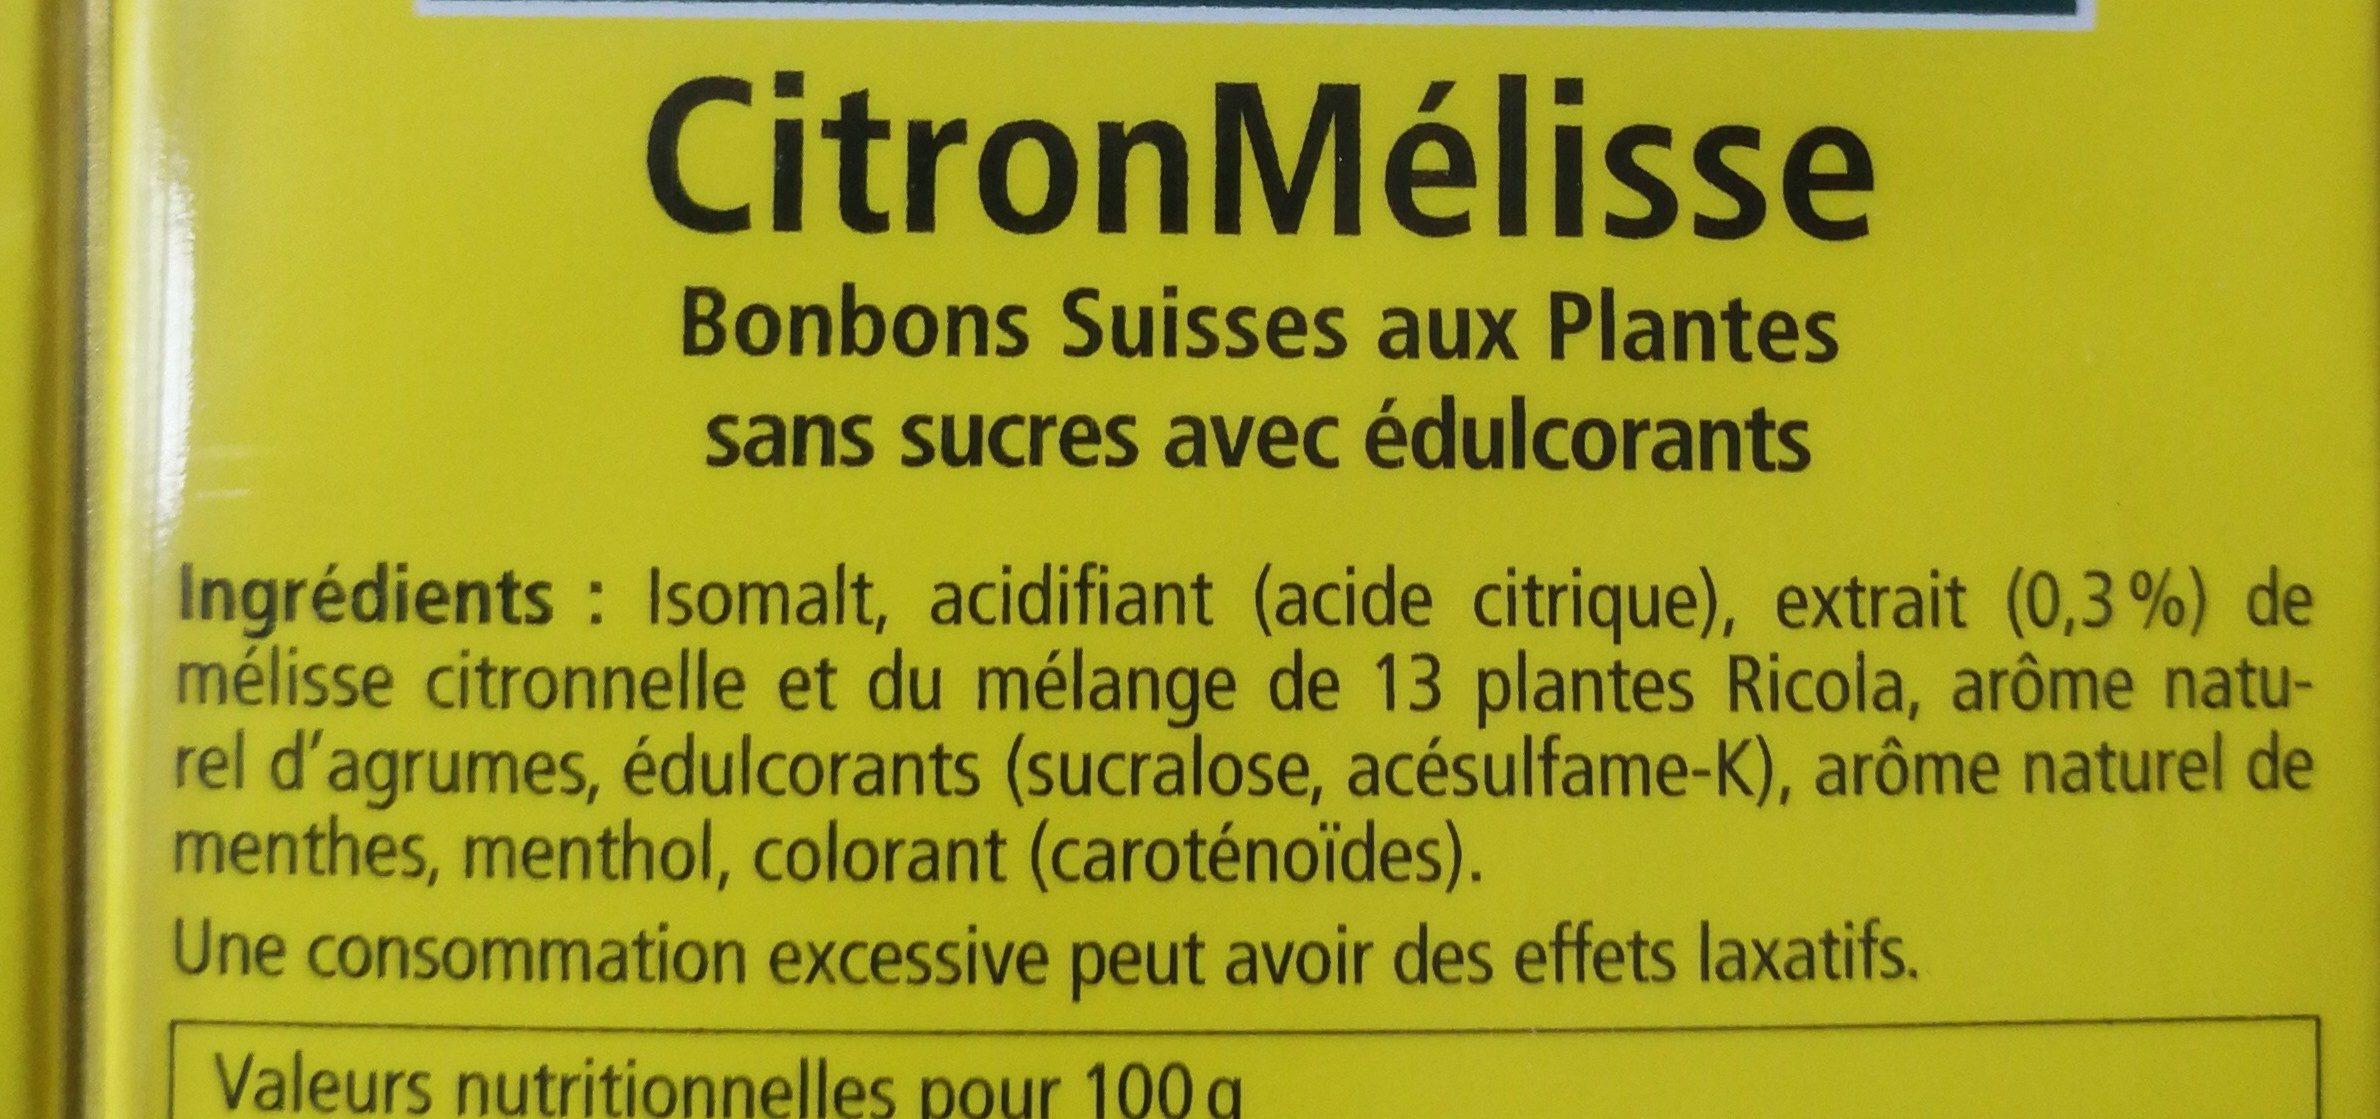 Citron mélisse - Ingrédients